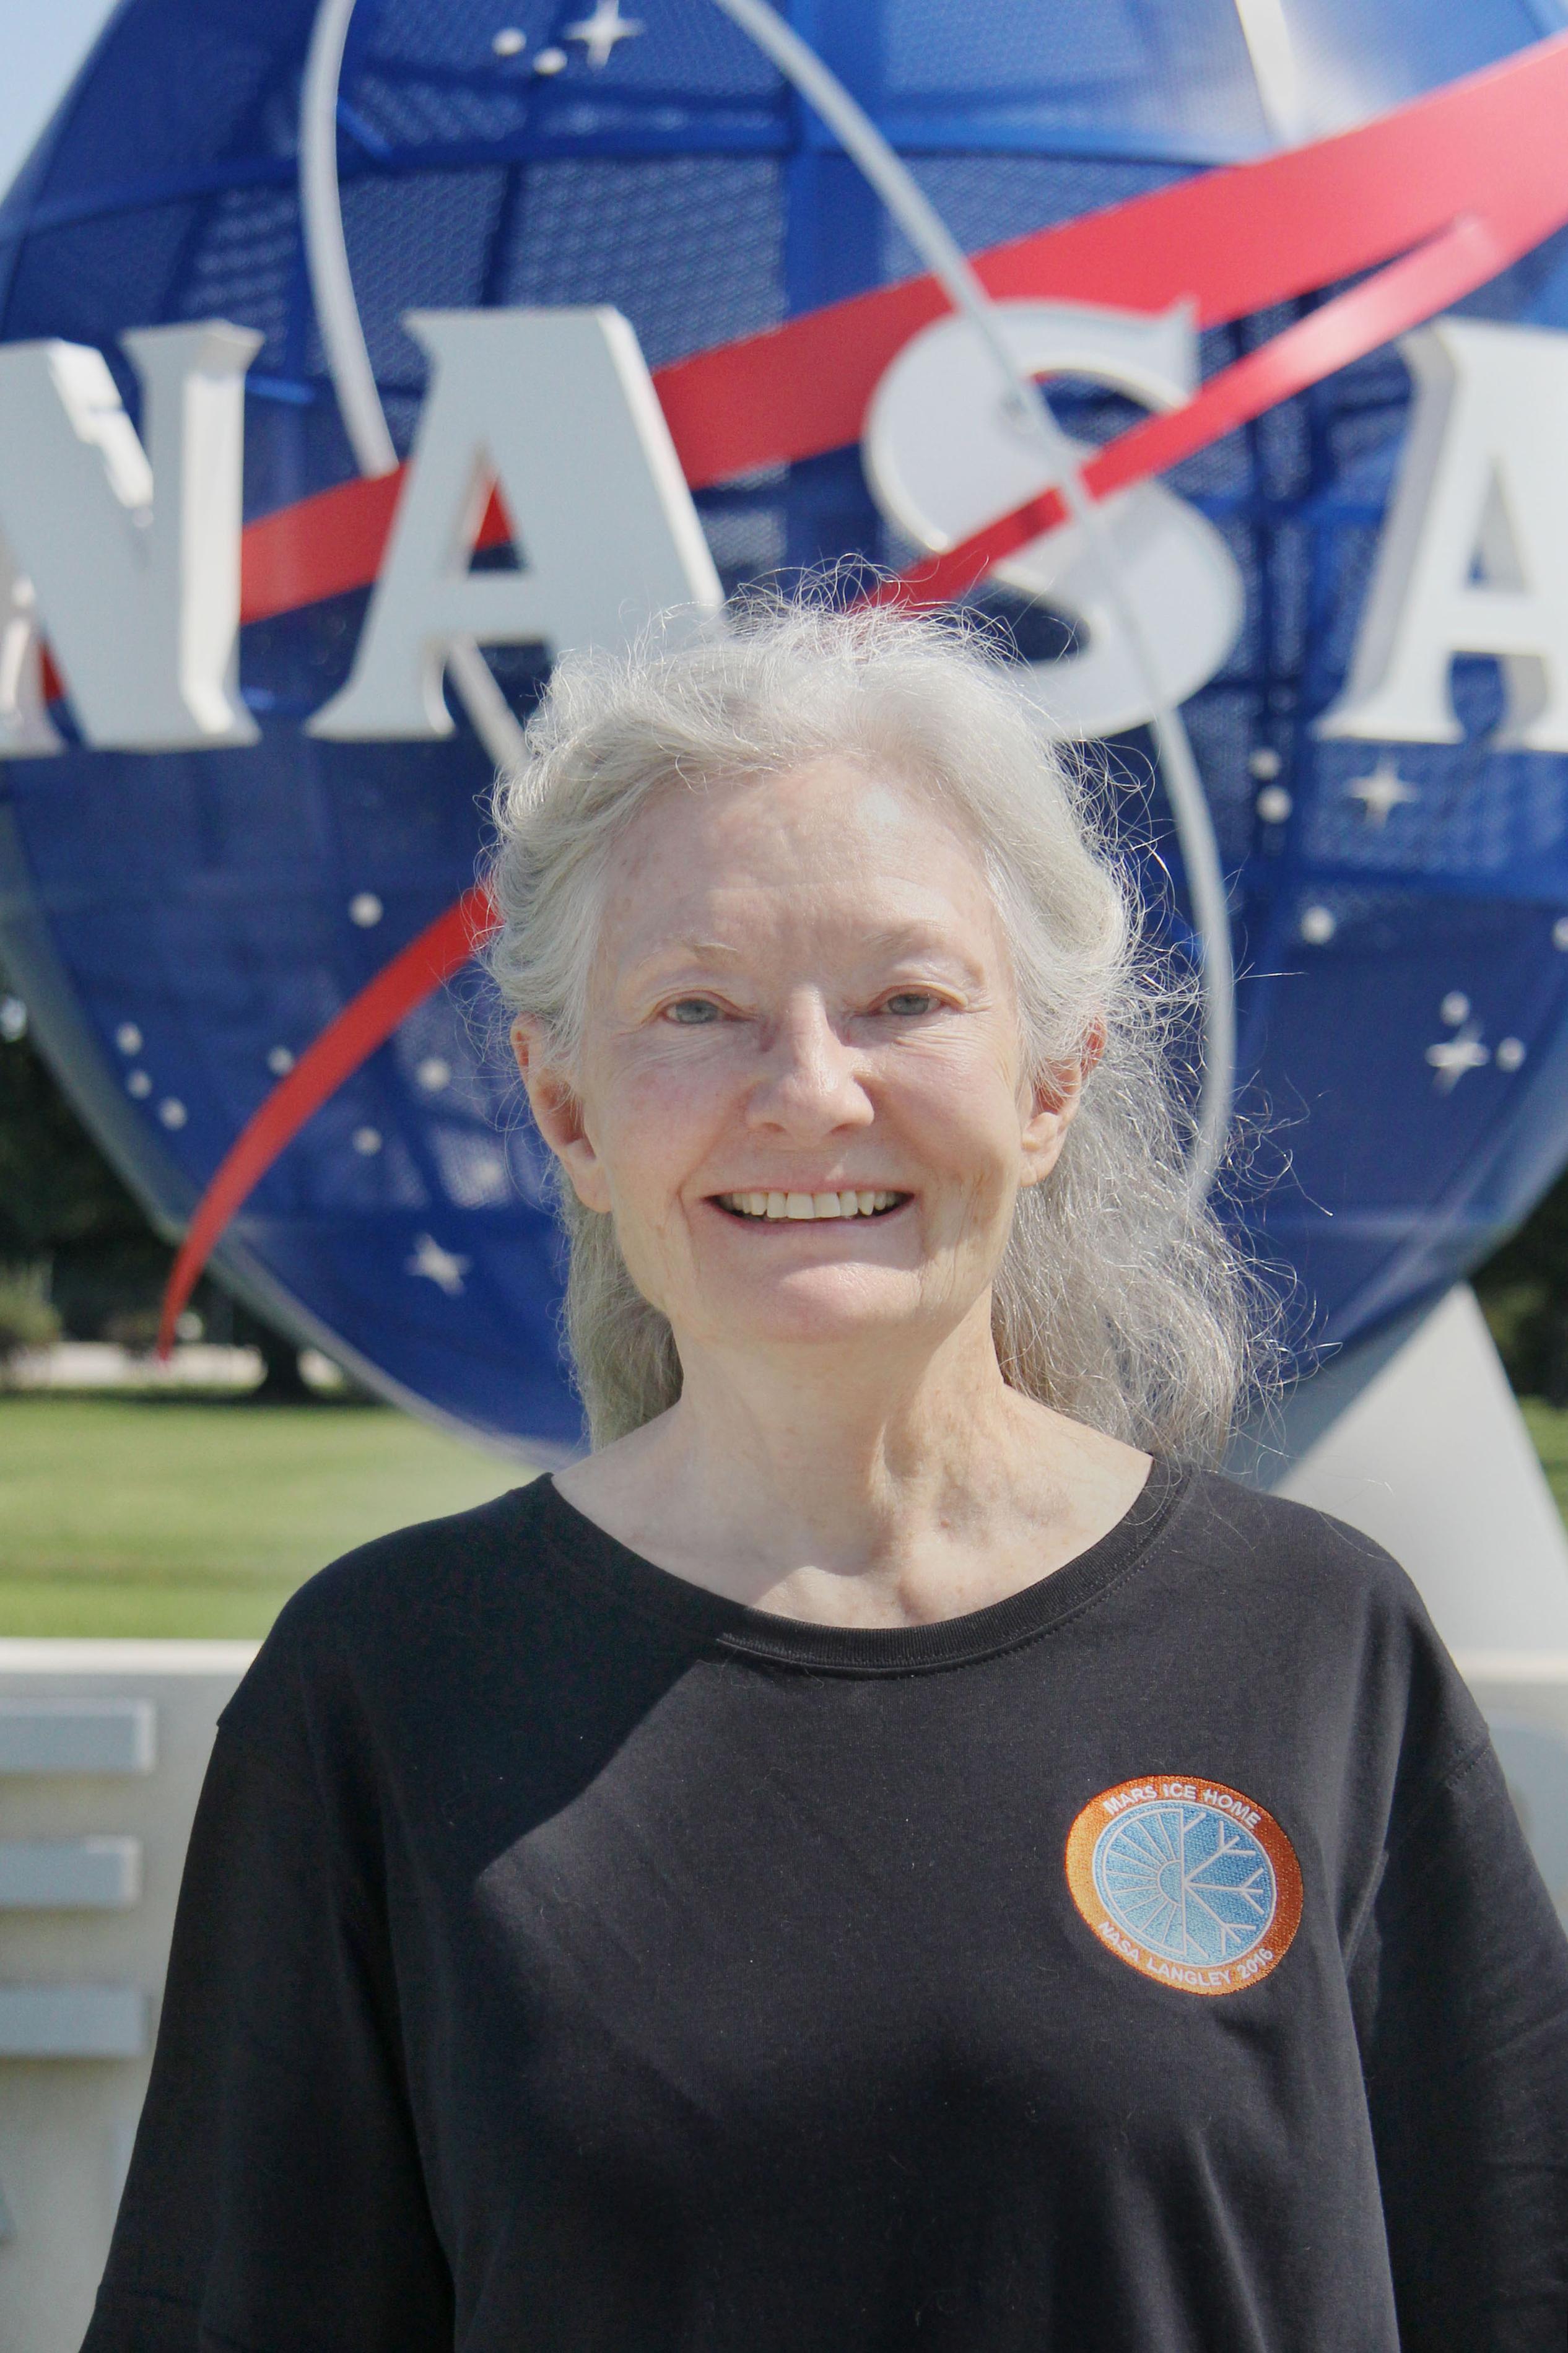 アポロ計画から50年 月軌道ランデブーを支えた 技術者は今もNASAにいた